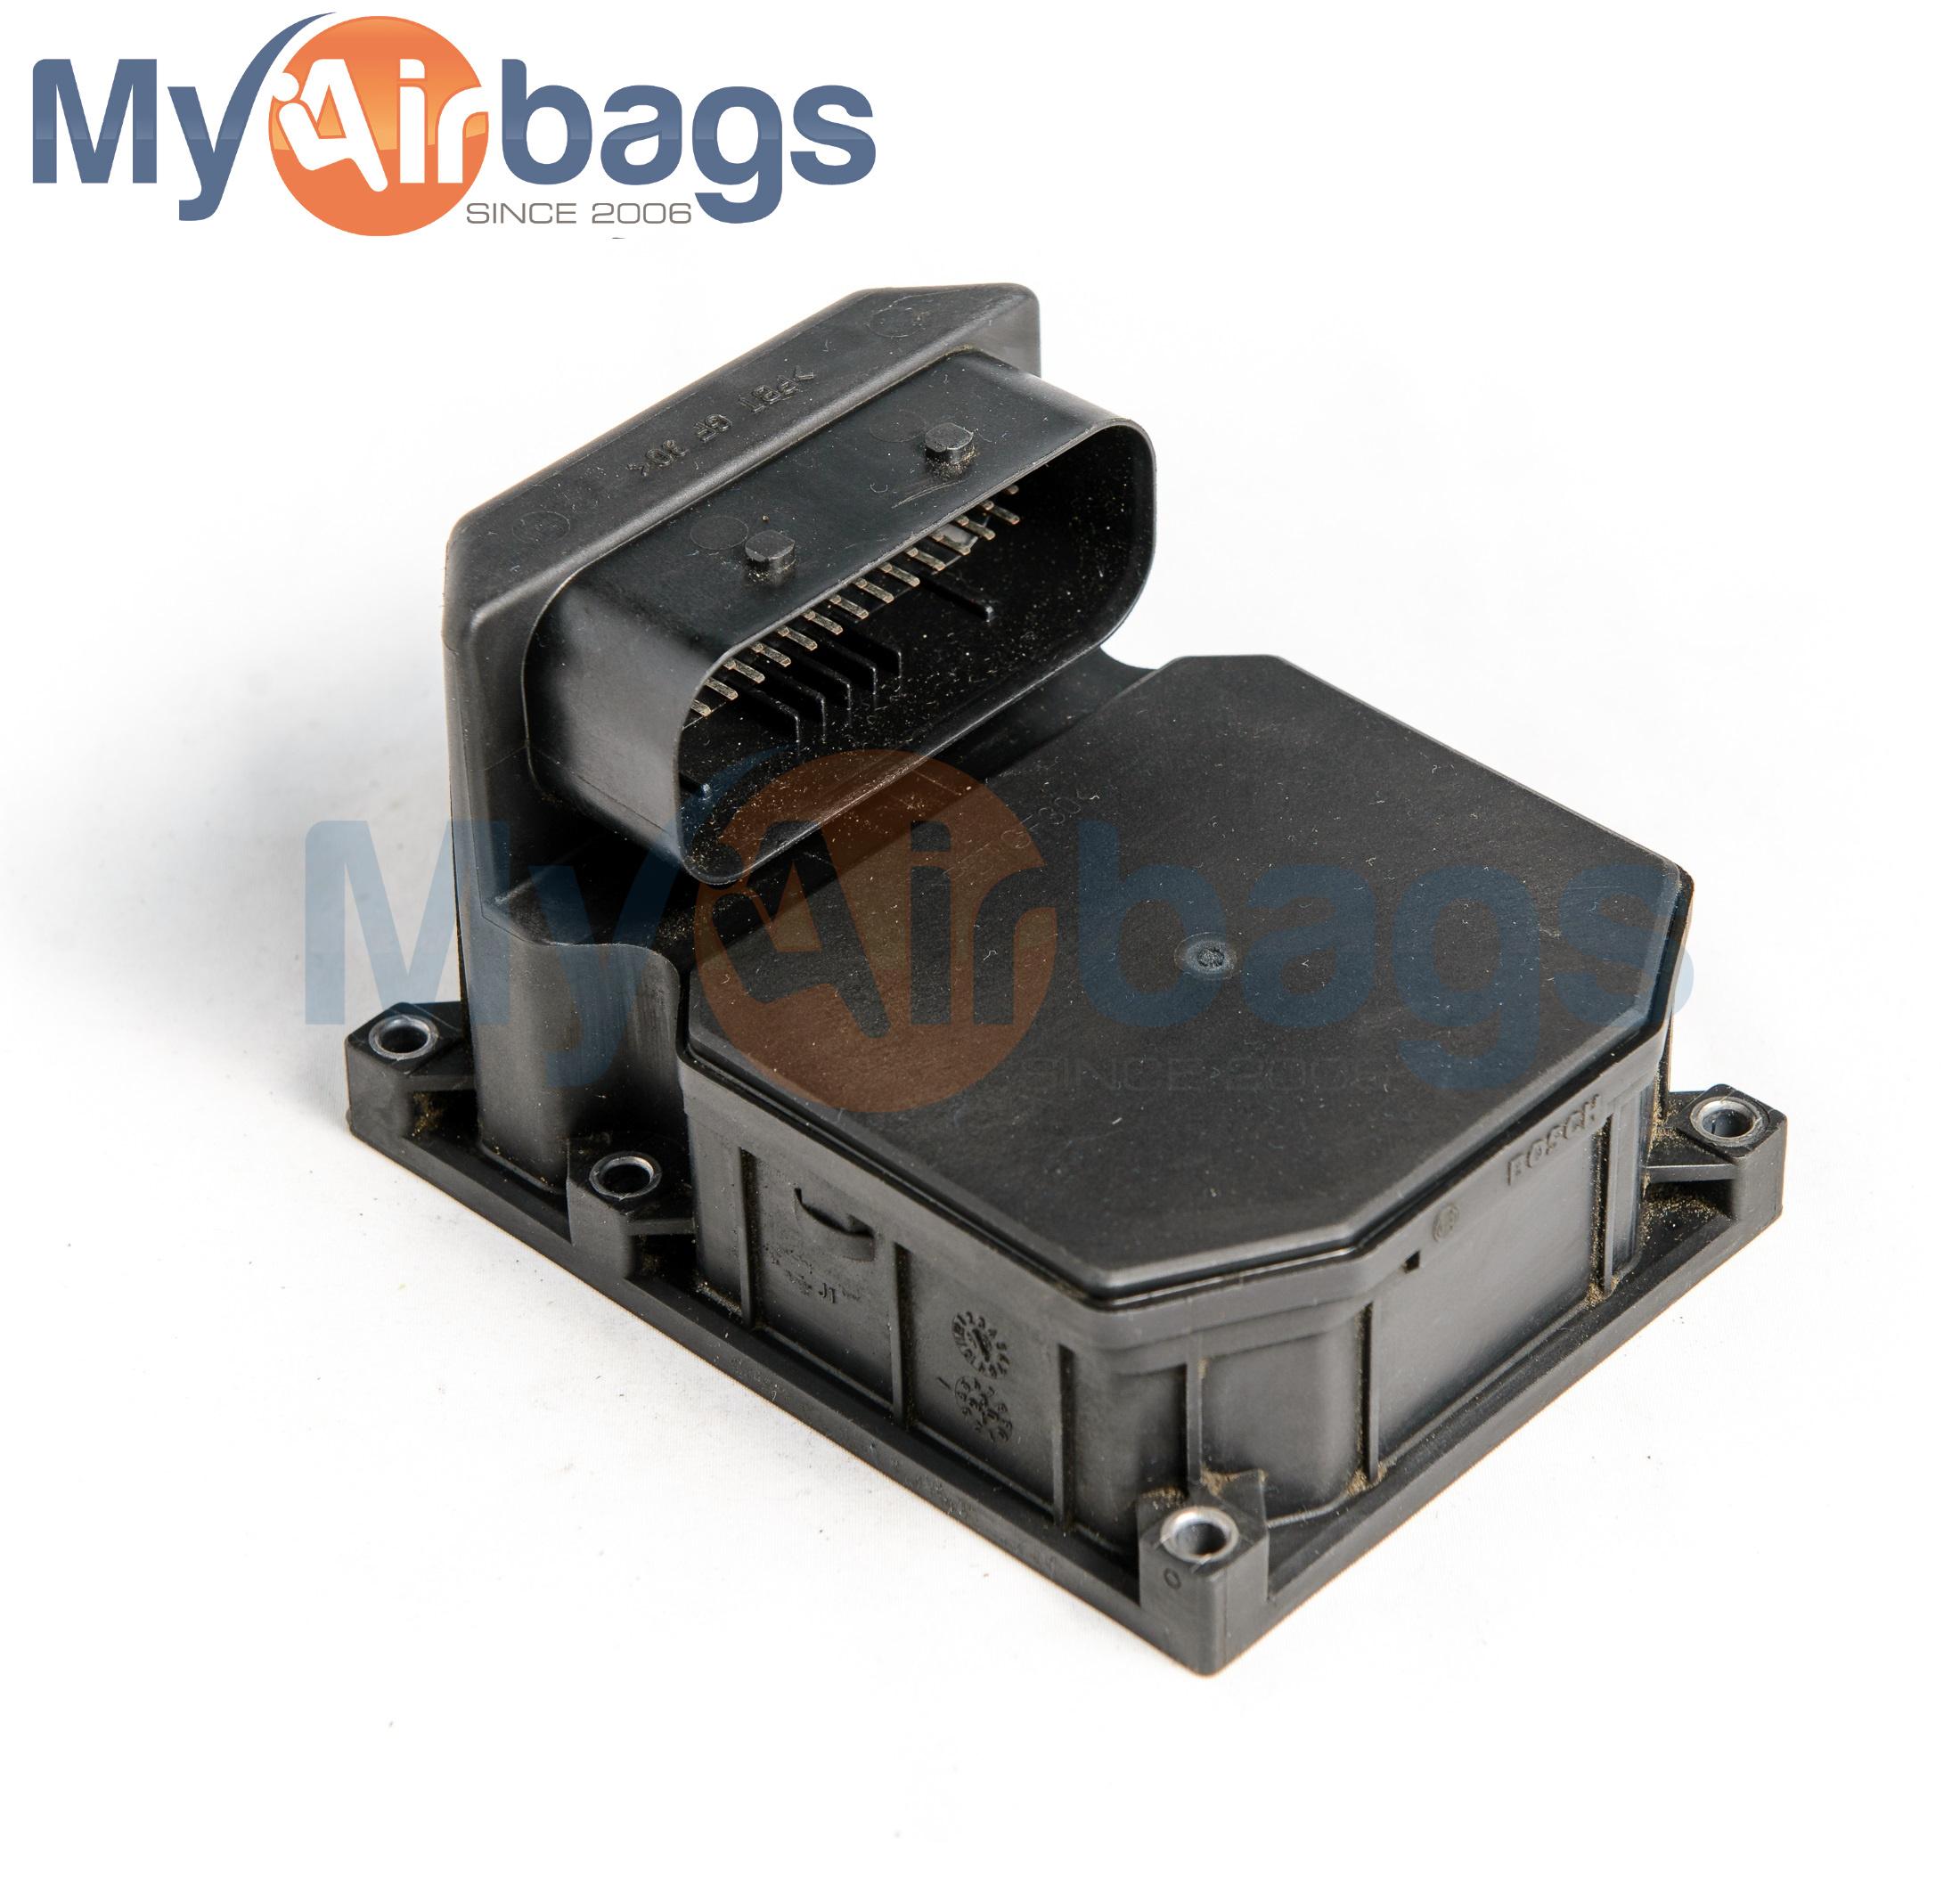 myairbags provides mercedes benz sprinter 2500 2000 2006. Black Bedroom Furniture Sets. Home Design Ideas